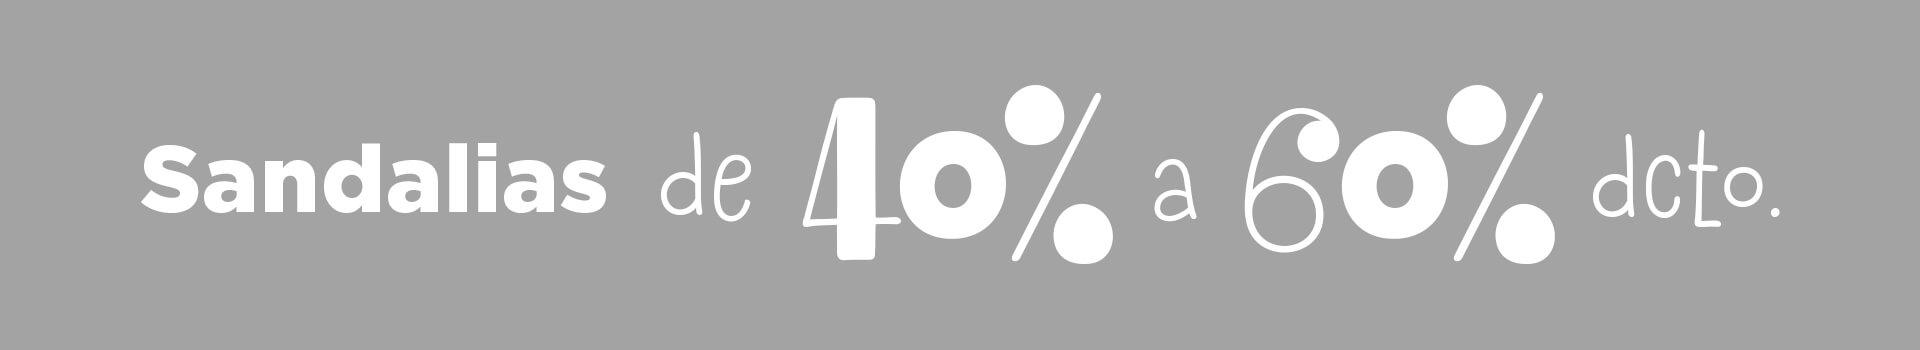 Sandalias de 40% a 60% dcto